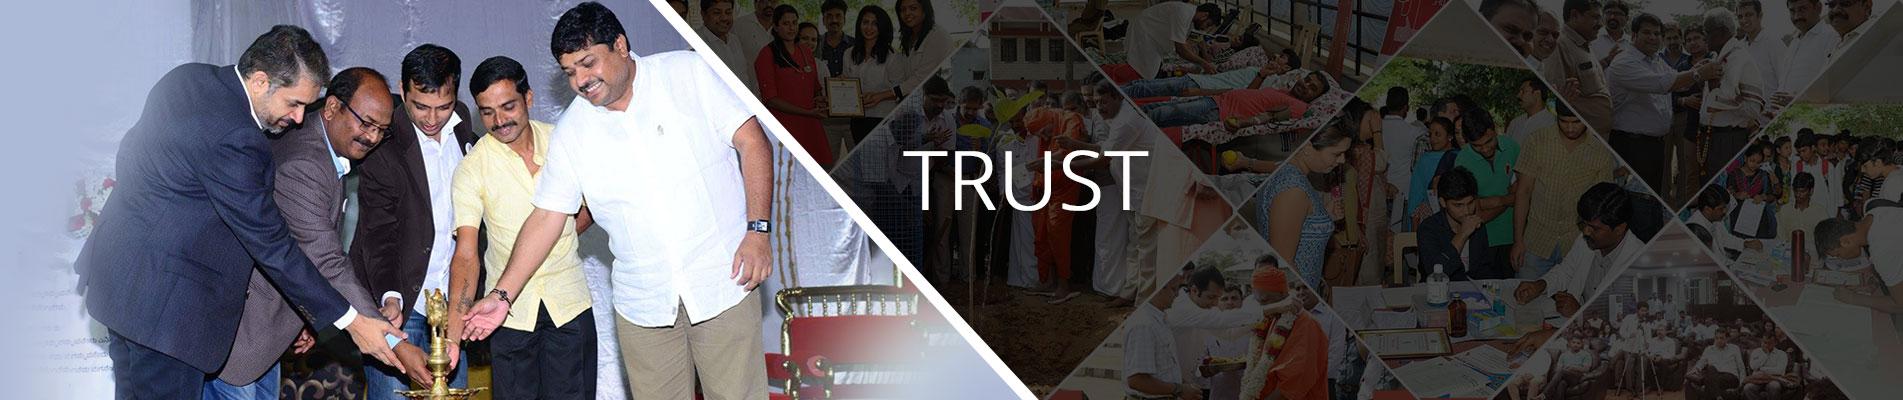 ILYF Trust